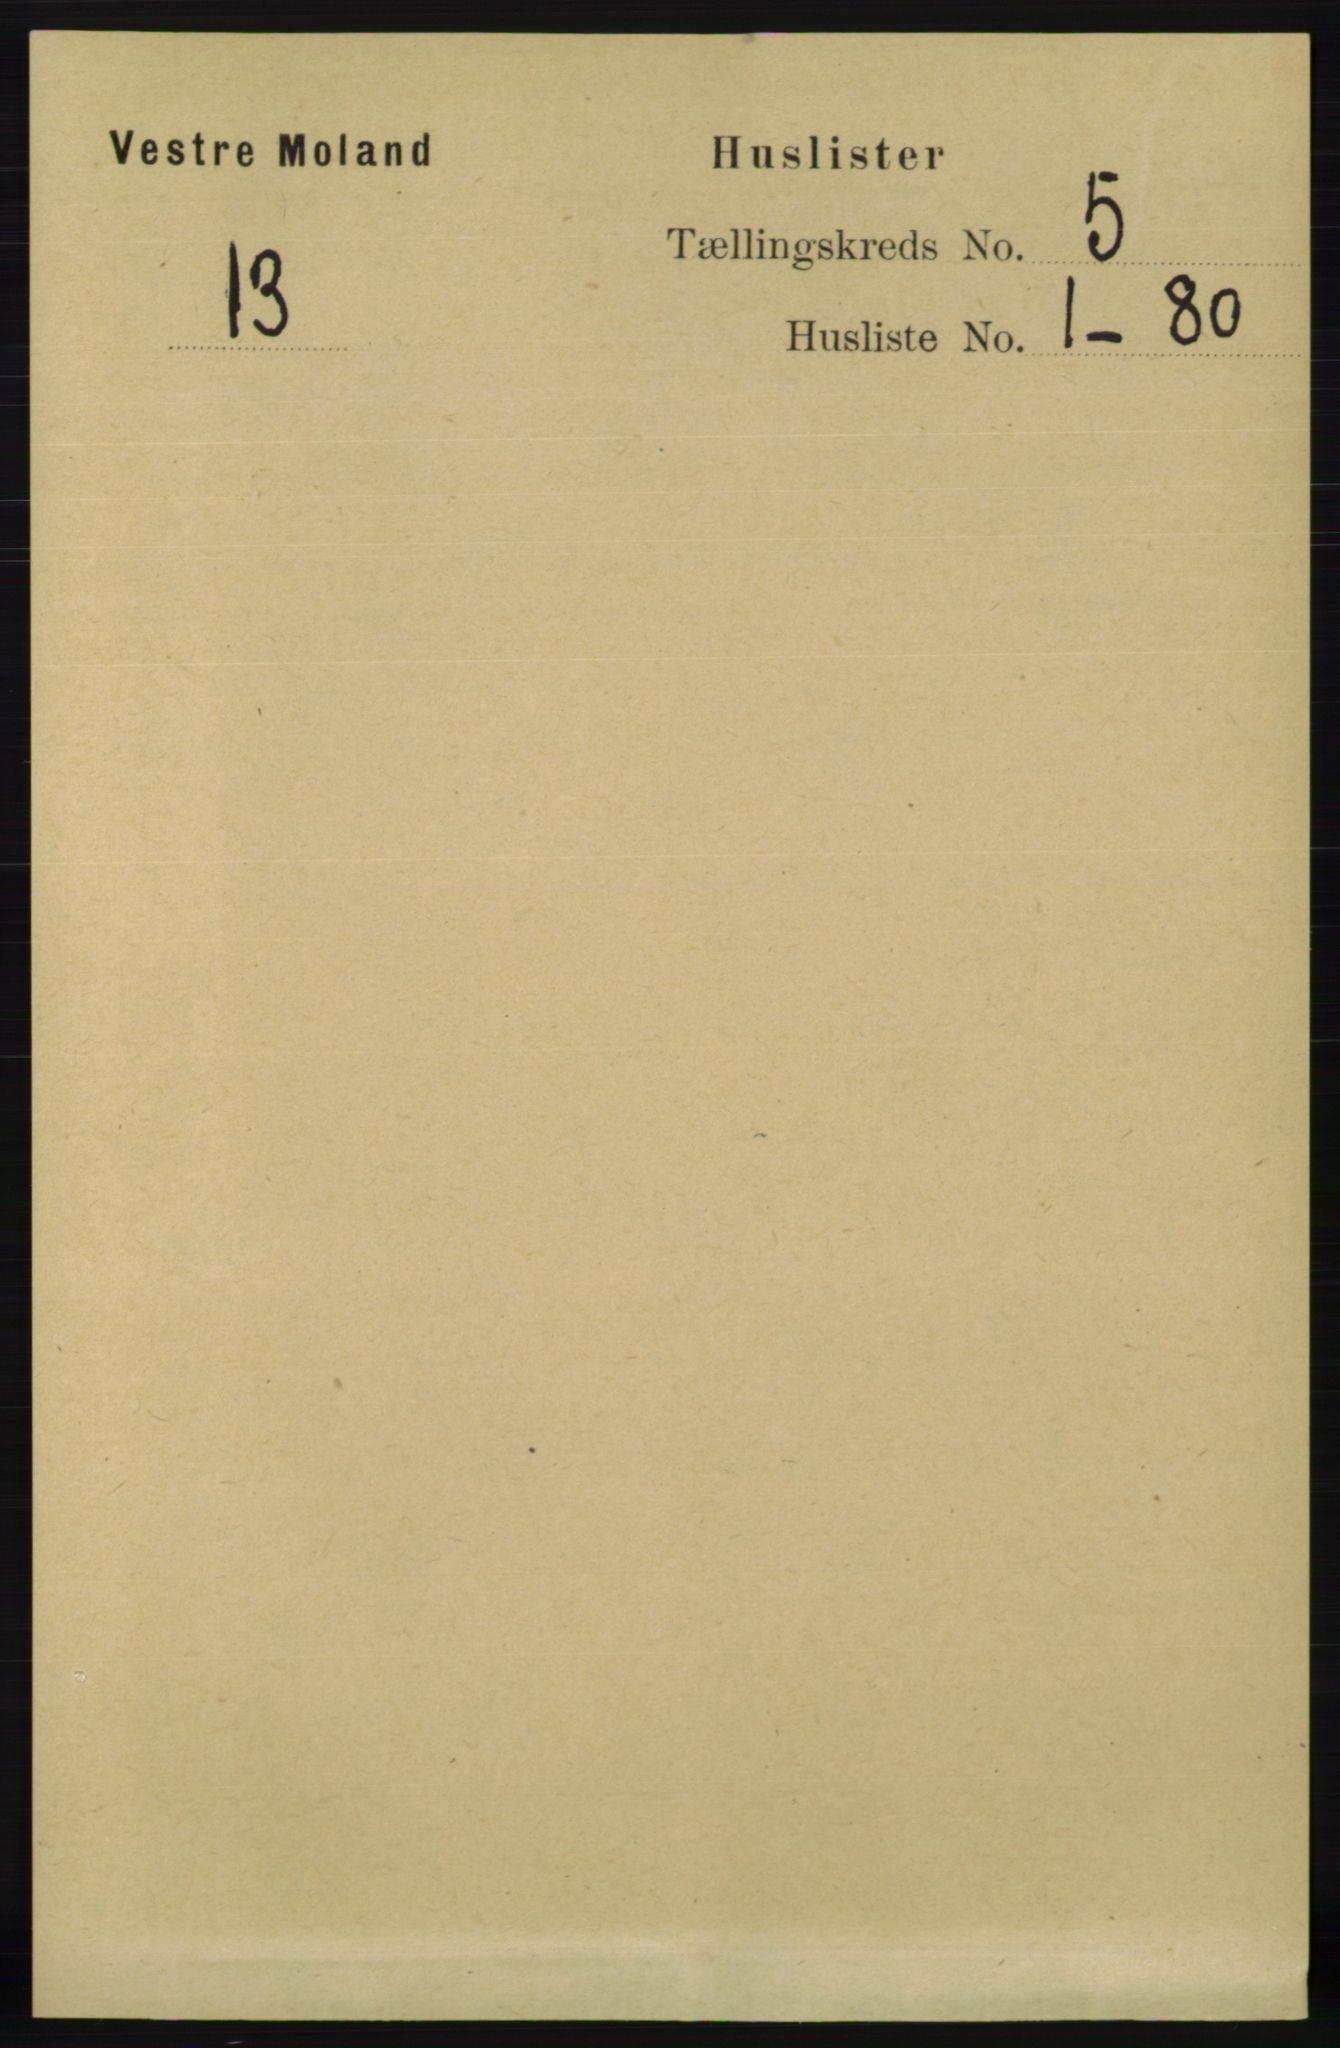 RA, Folketelling 1891 for 0926 Vestre Moland herred, 1891, s. 1750